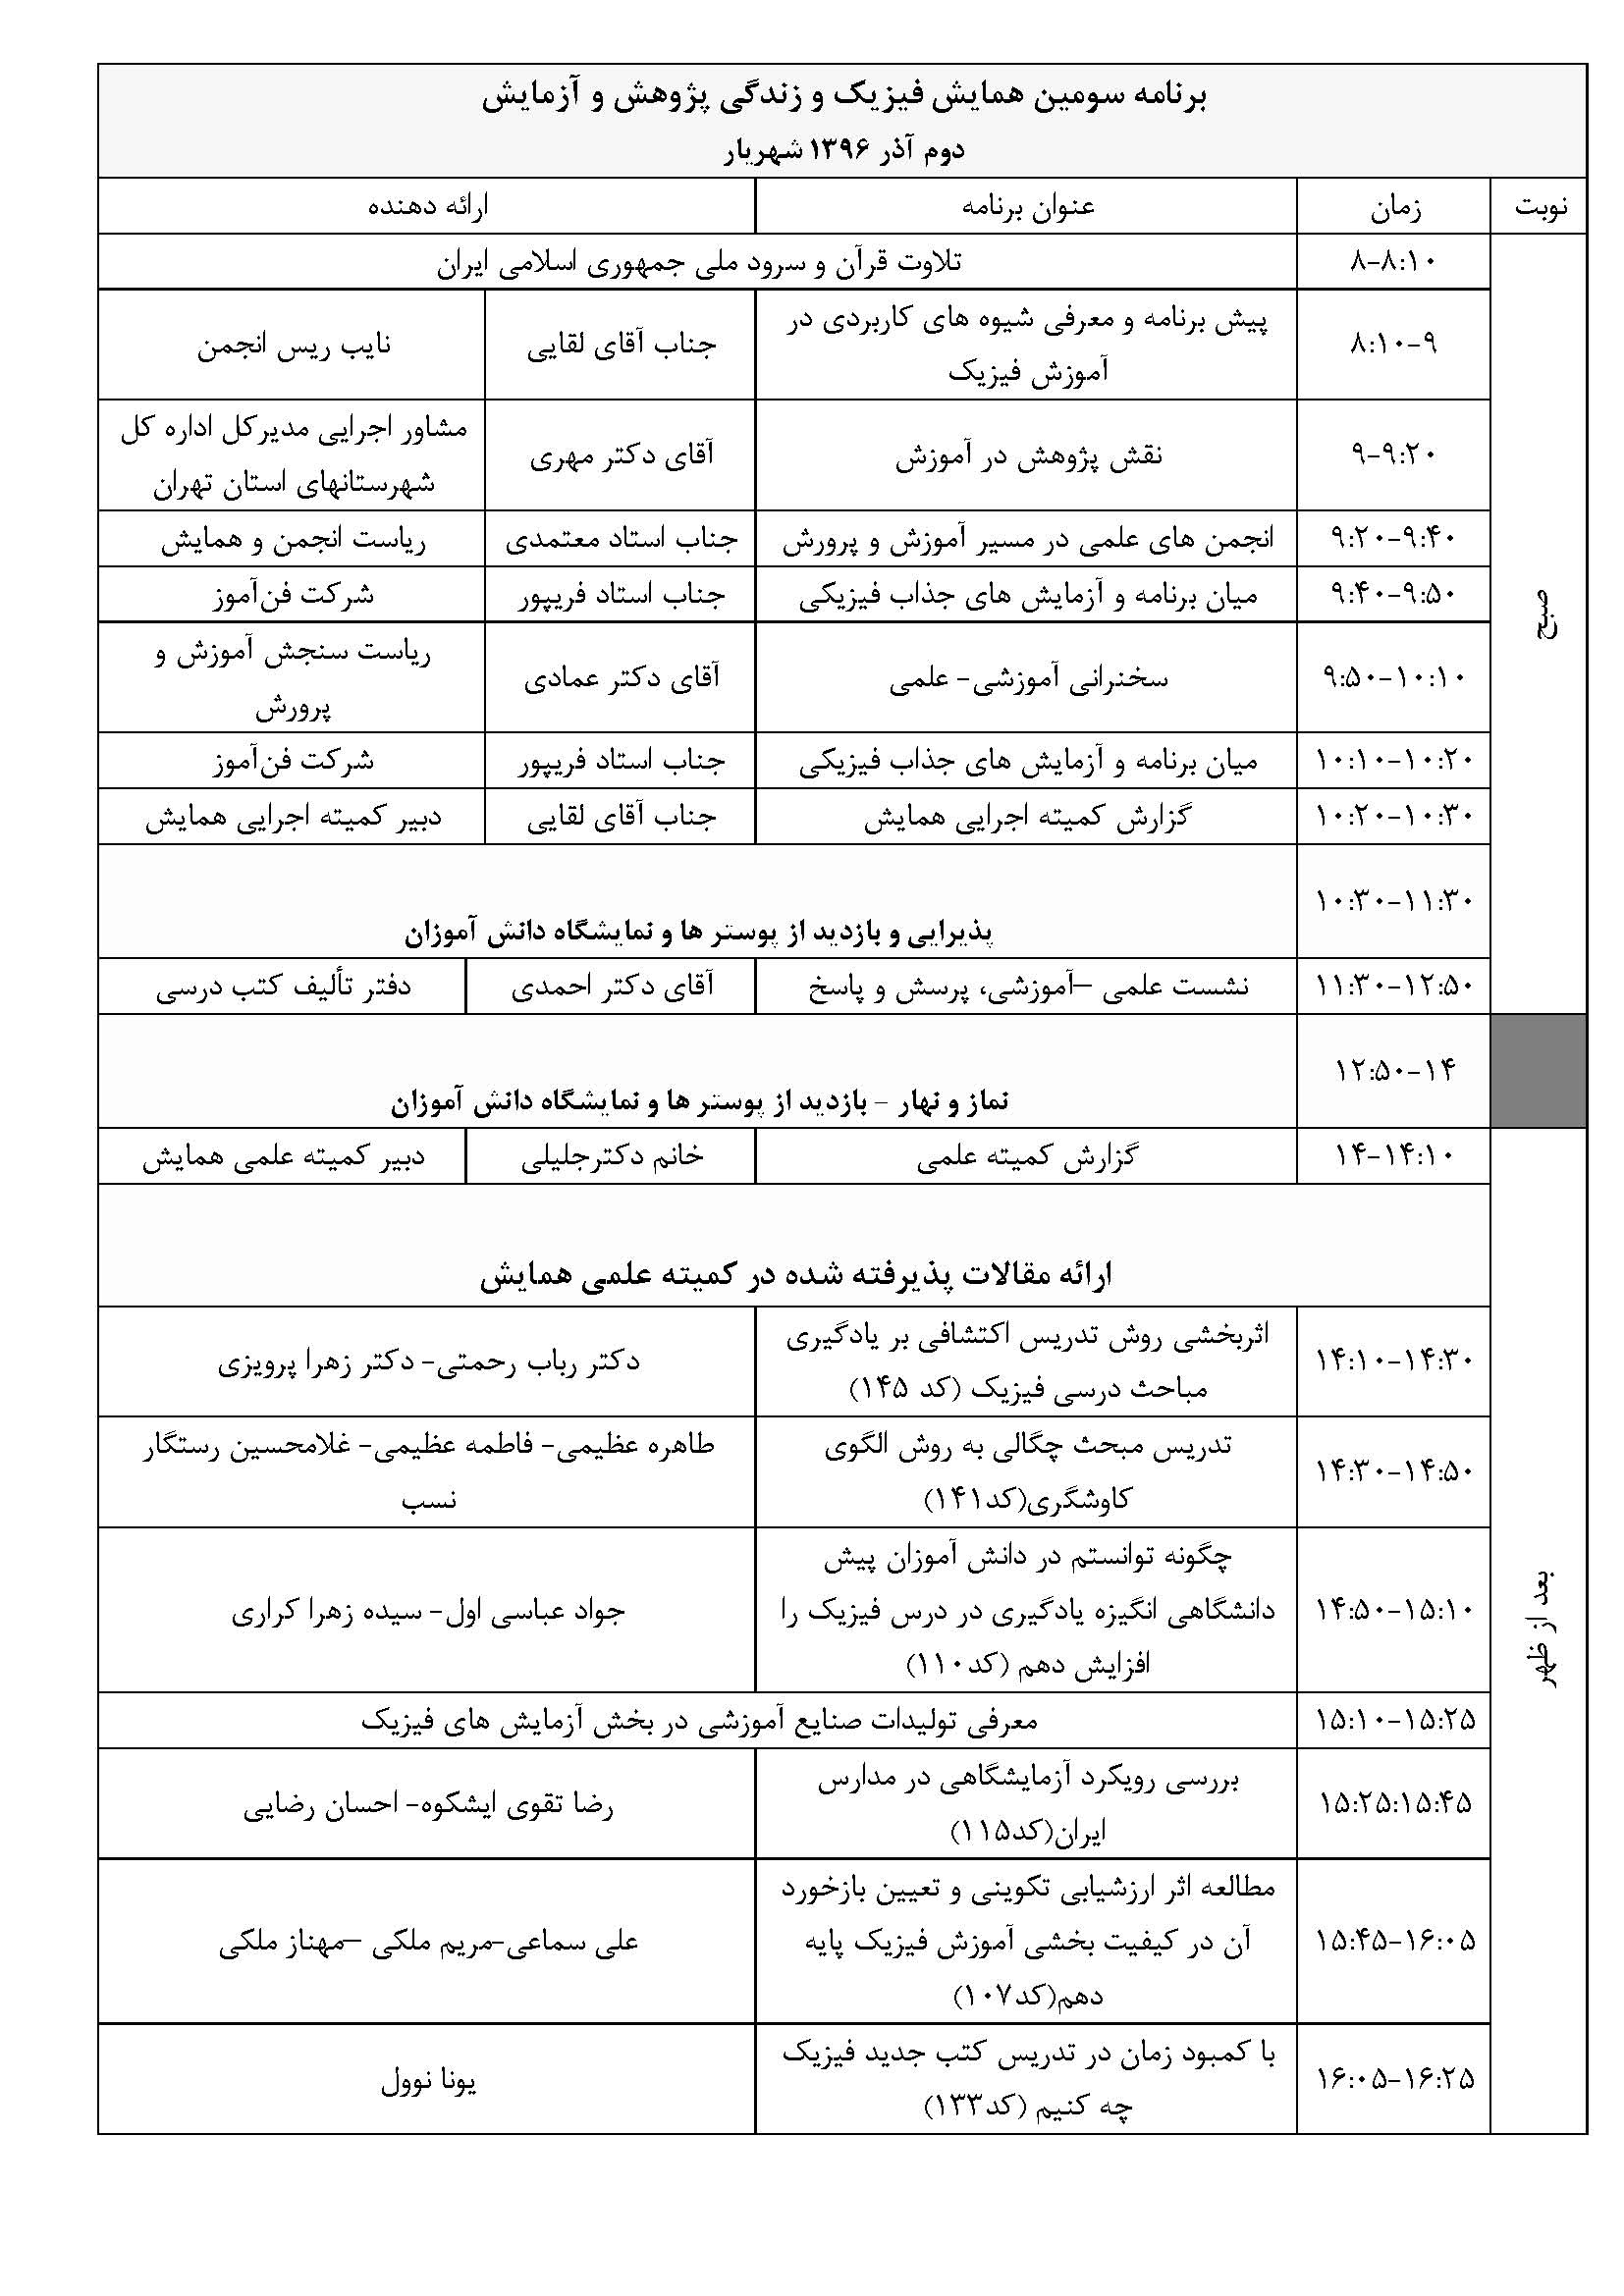 برنامه سومین همایش:برنامه از 8 صبح روز2 آذر 96 در اردوگاه شهید منتظری آغاز و نزدیک ساعت 17 عصر به پایان می رسد